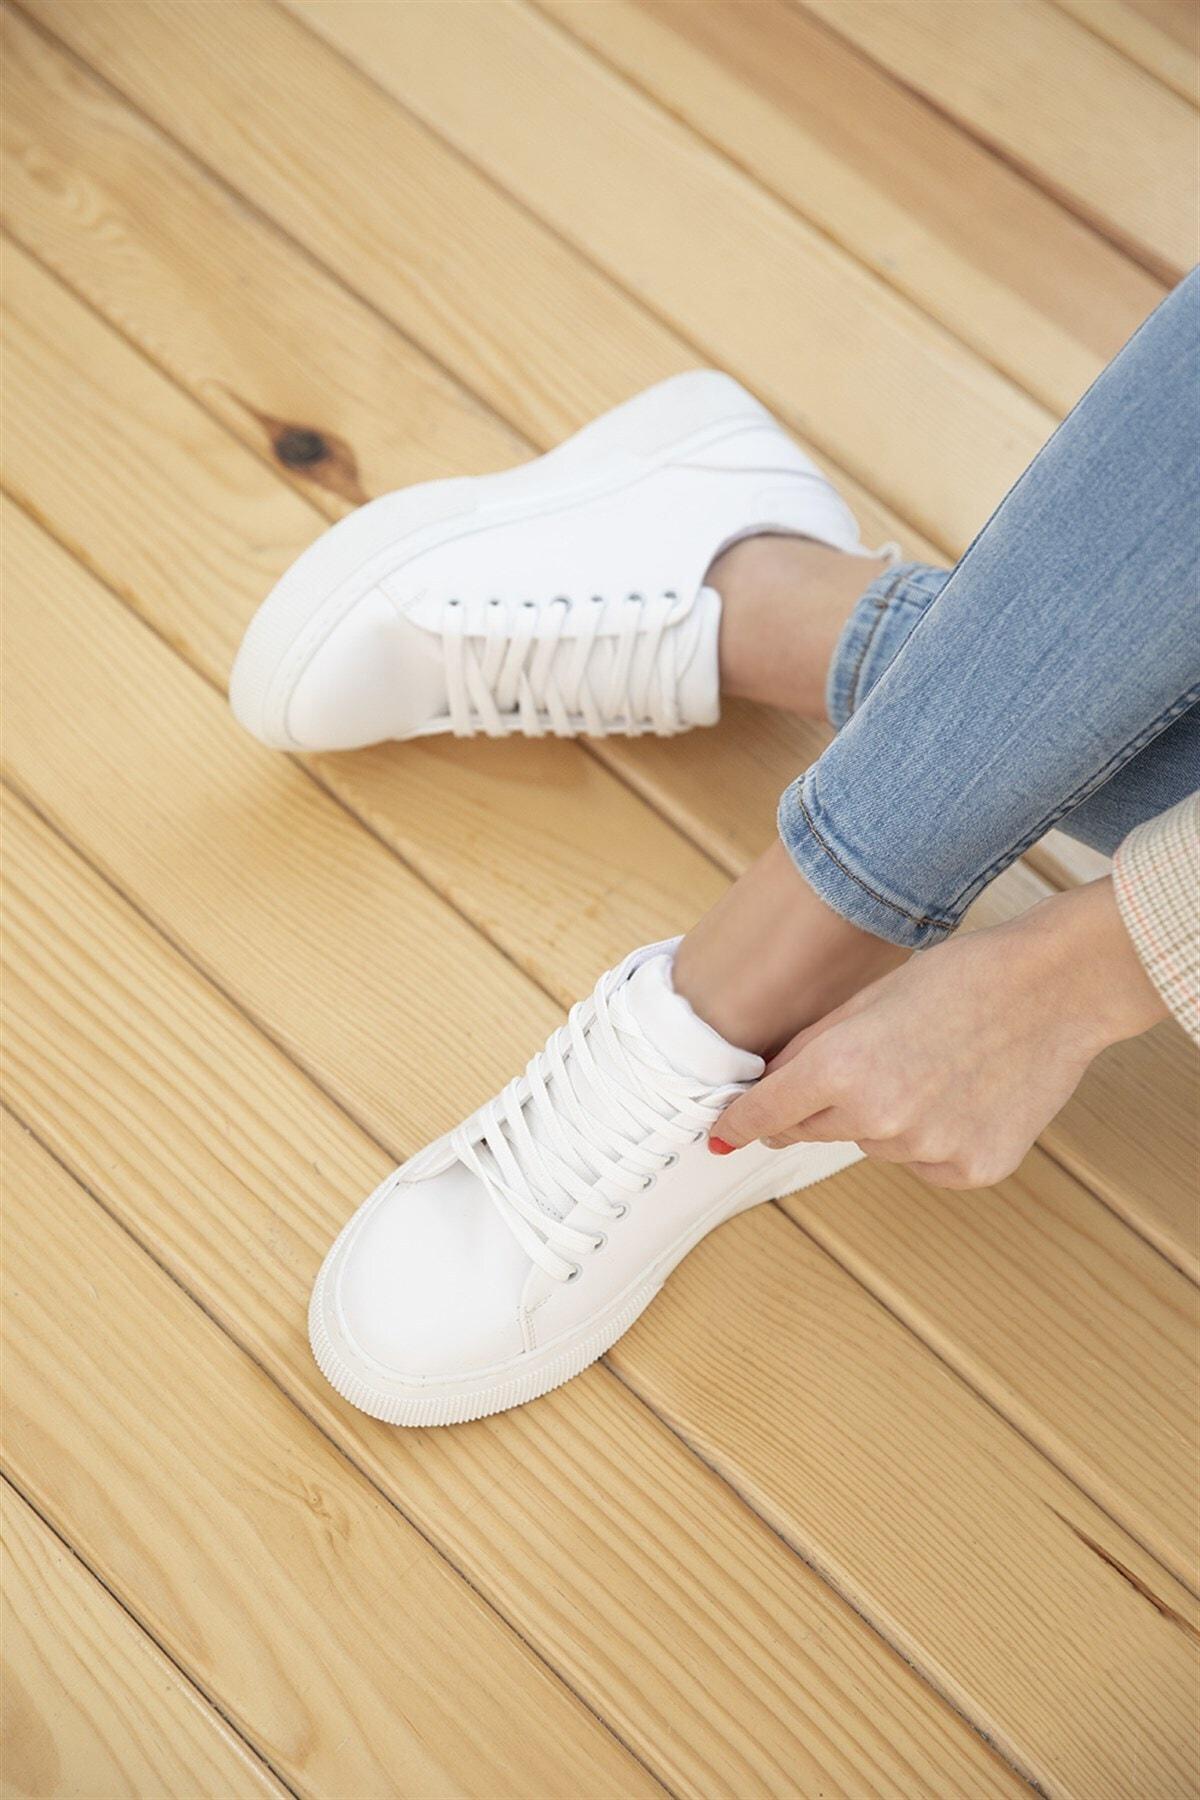 STRASWANS Papel Bayan Deri Spor Ayakkabı Beyaz 2